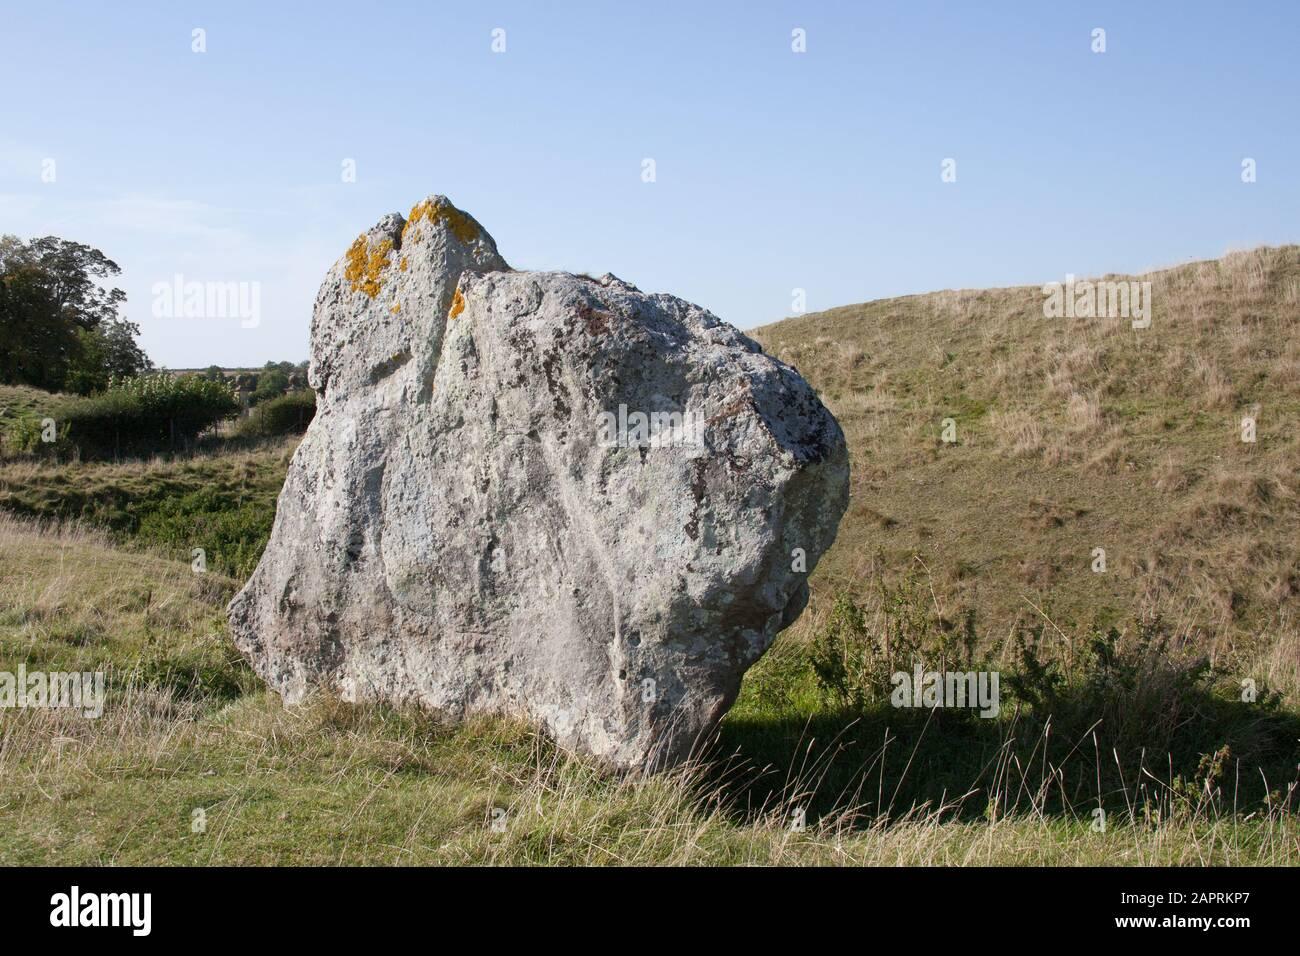 Une pierre au Monument de Henge néolithique à Avebury, Wiltshire, Royaume-Uni. Banque D'Images